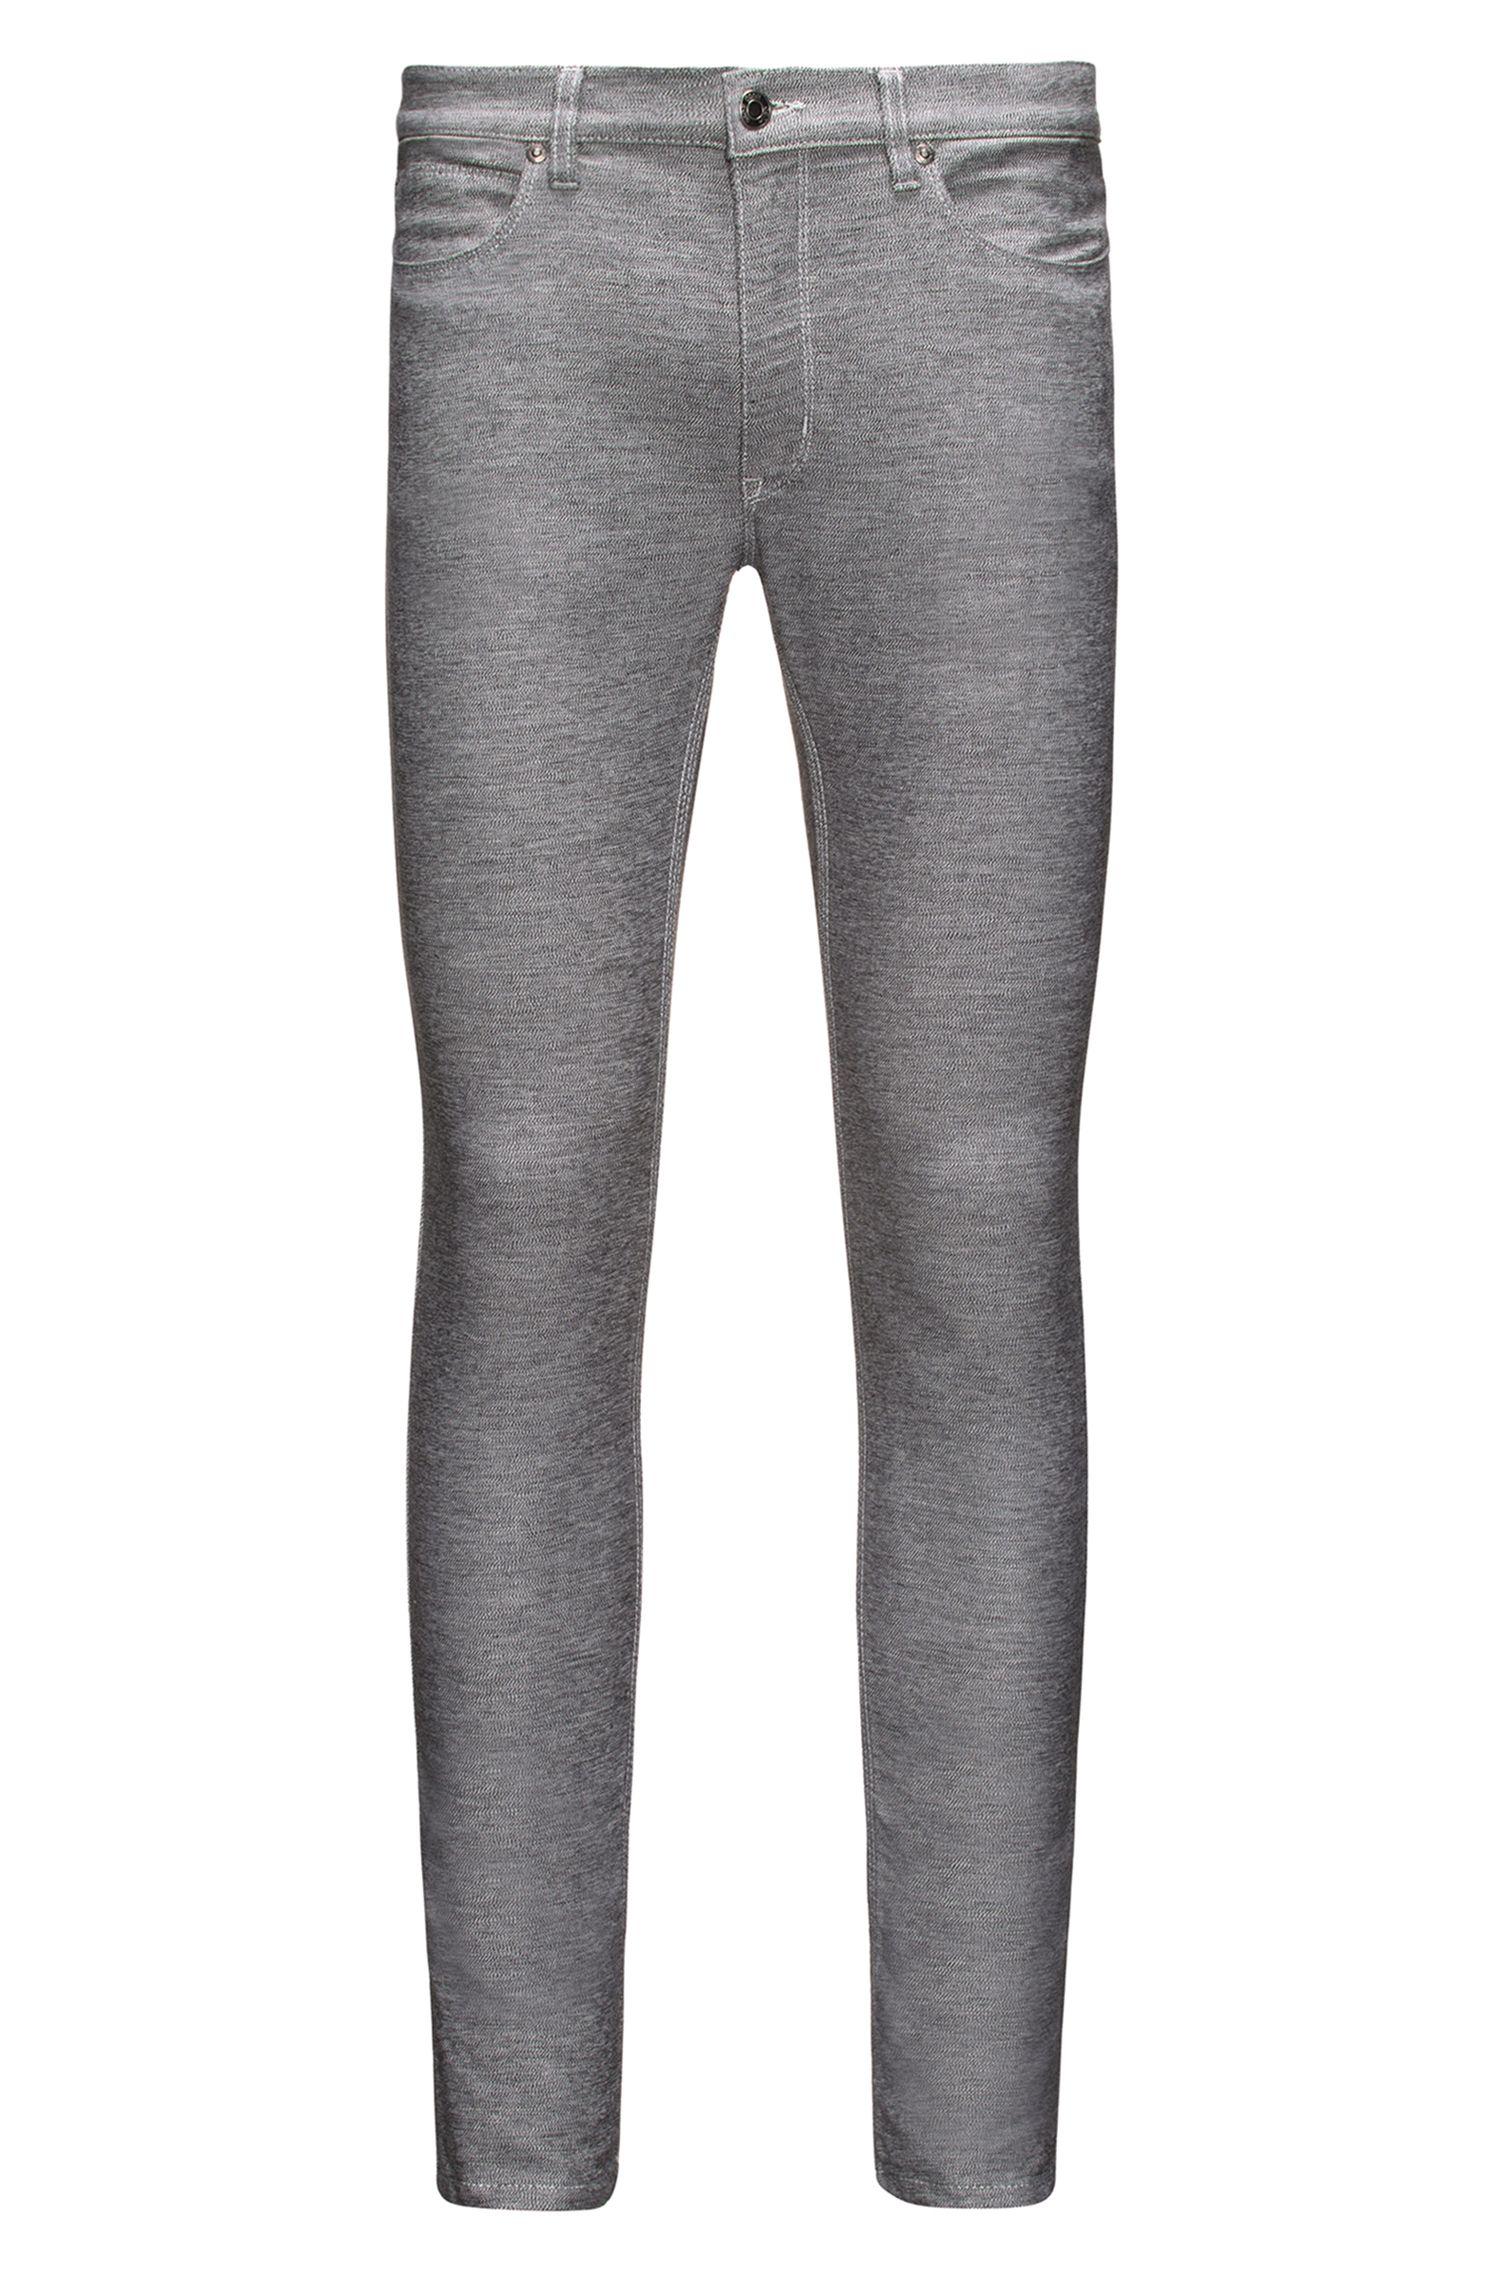 Jean Skinny Fit en jersey stretch gris foncé